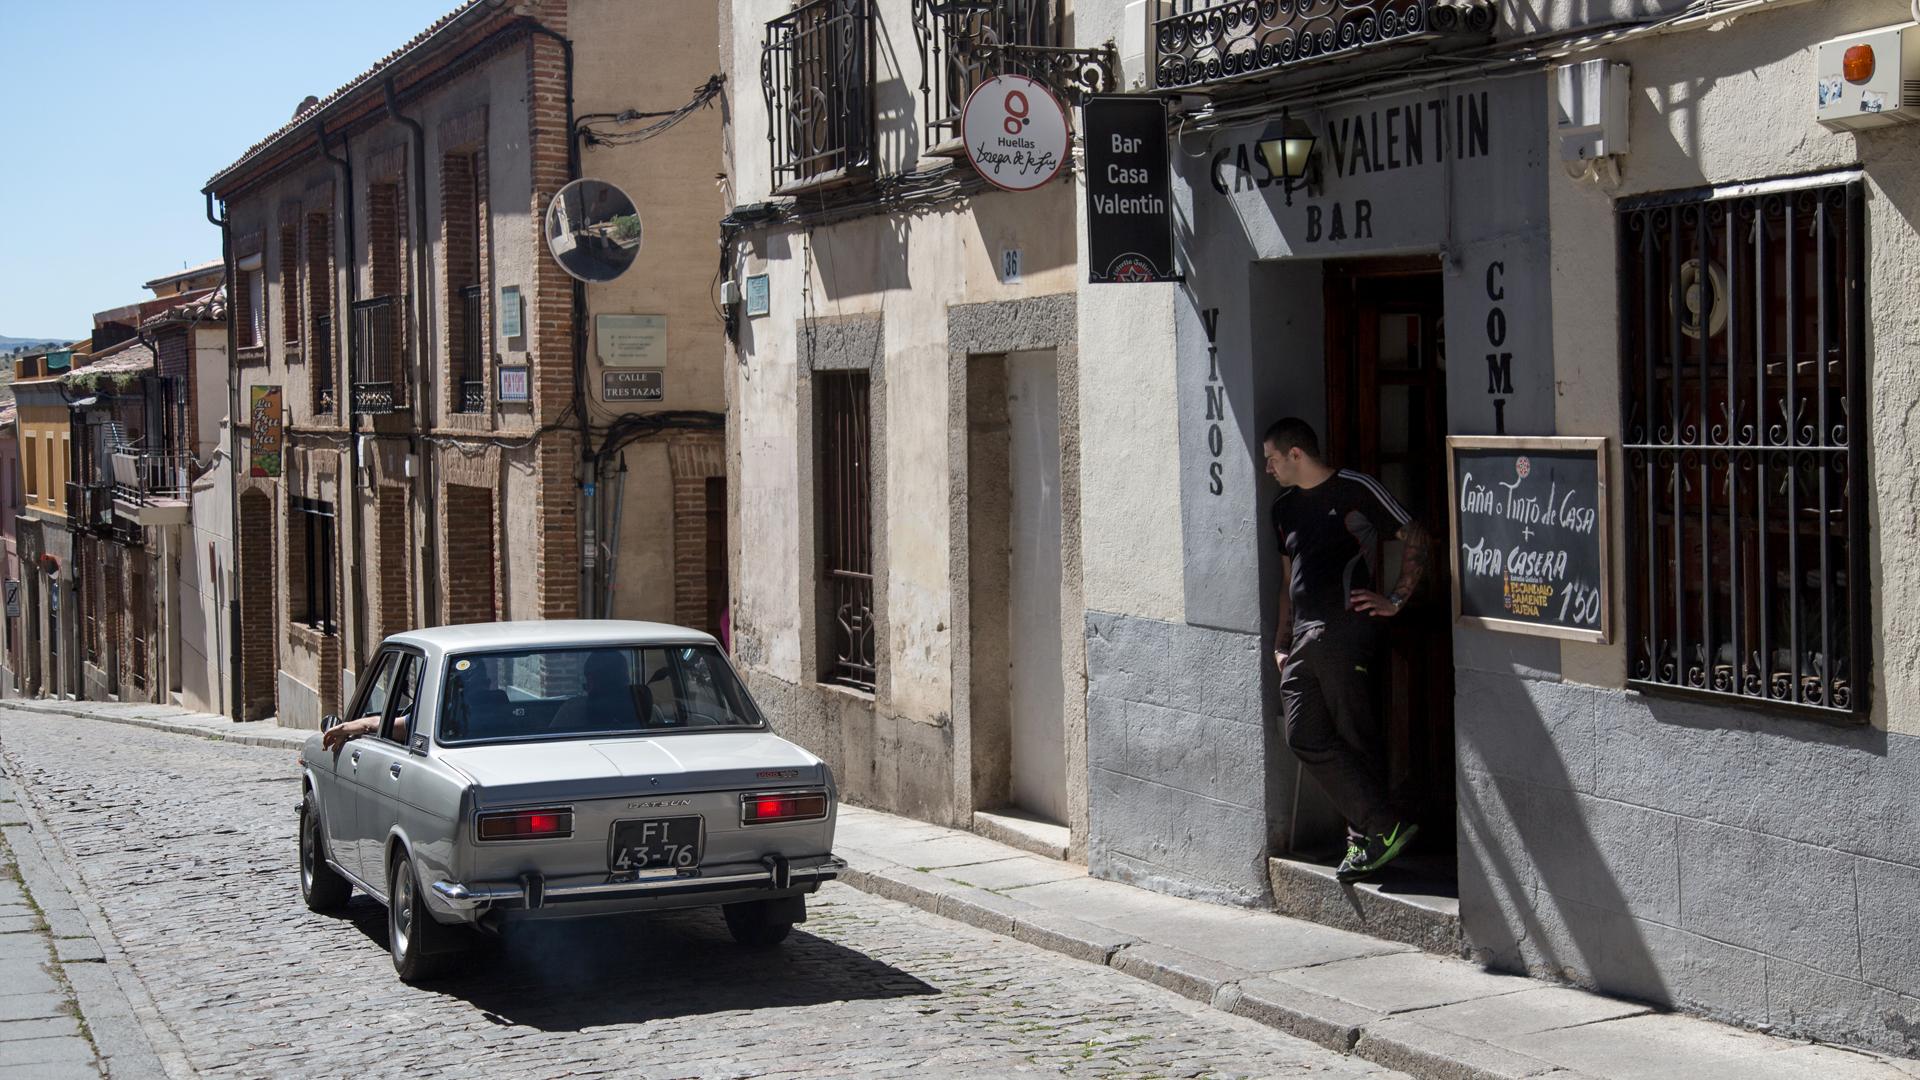 Как мы купили в Португалии старый Datsun и поехали на нем домой. Фото 7